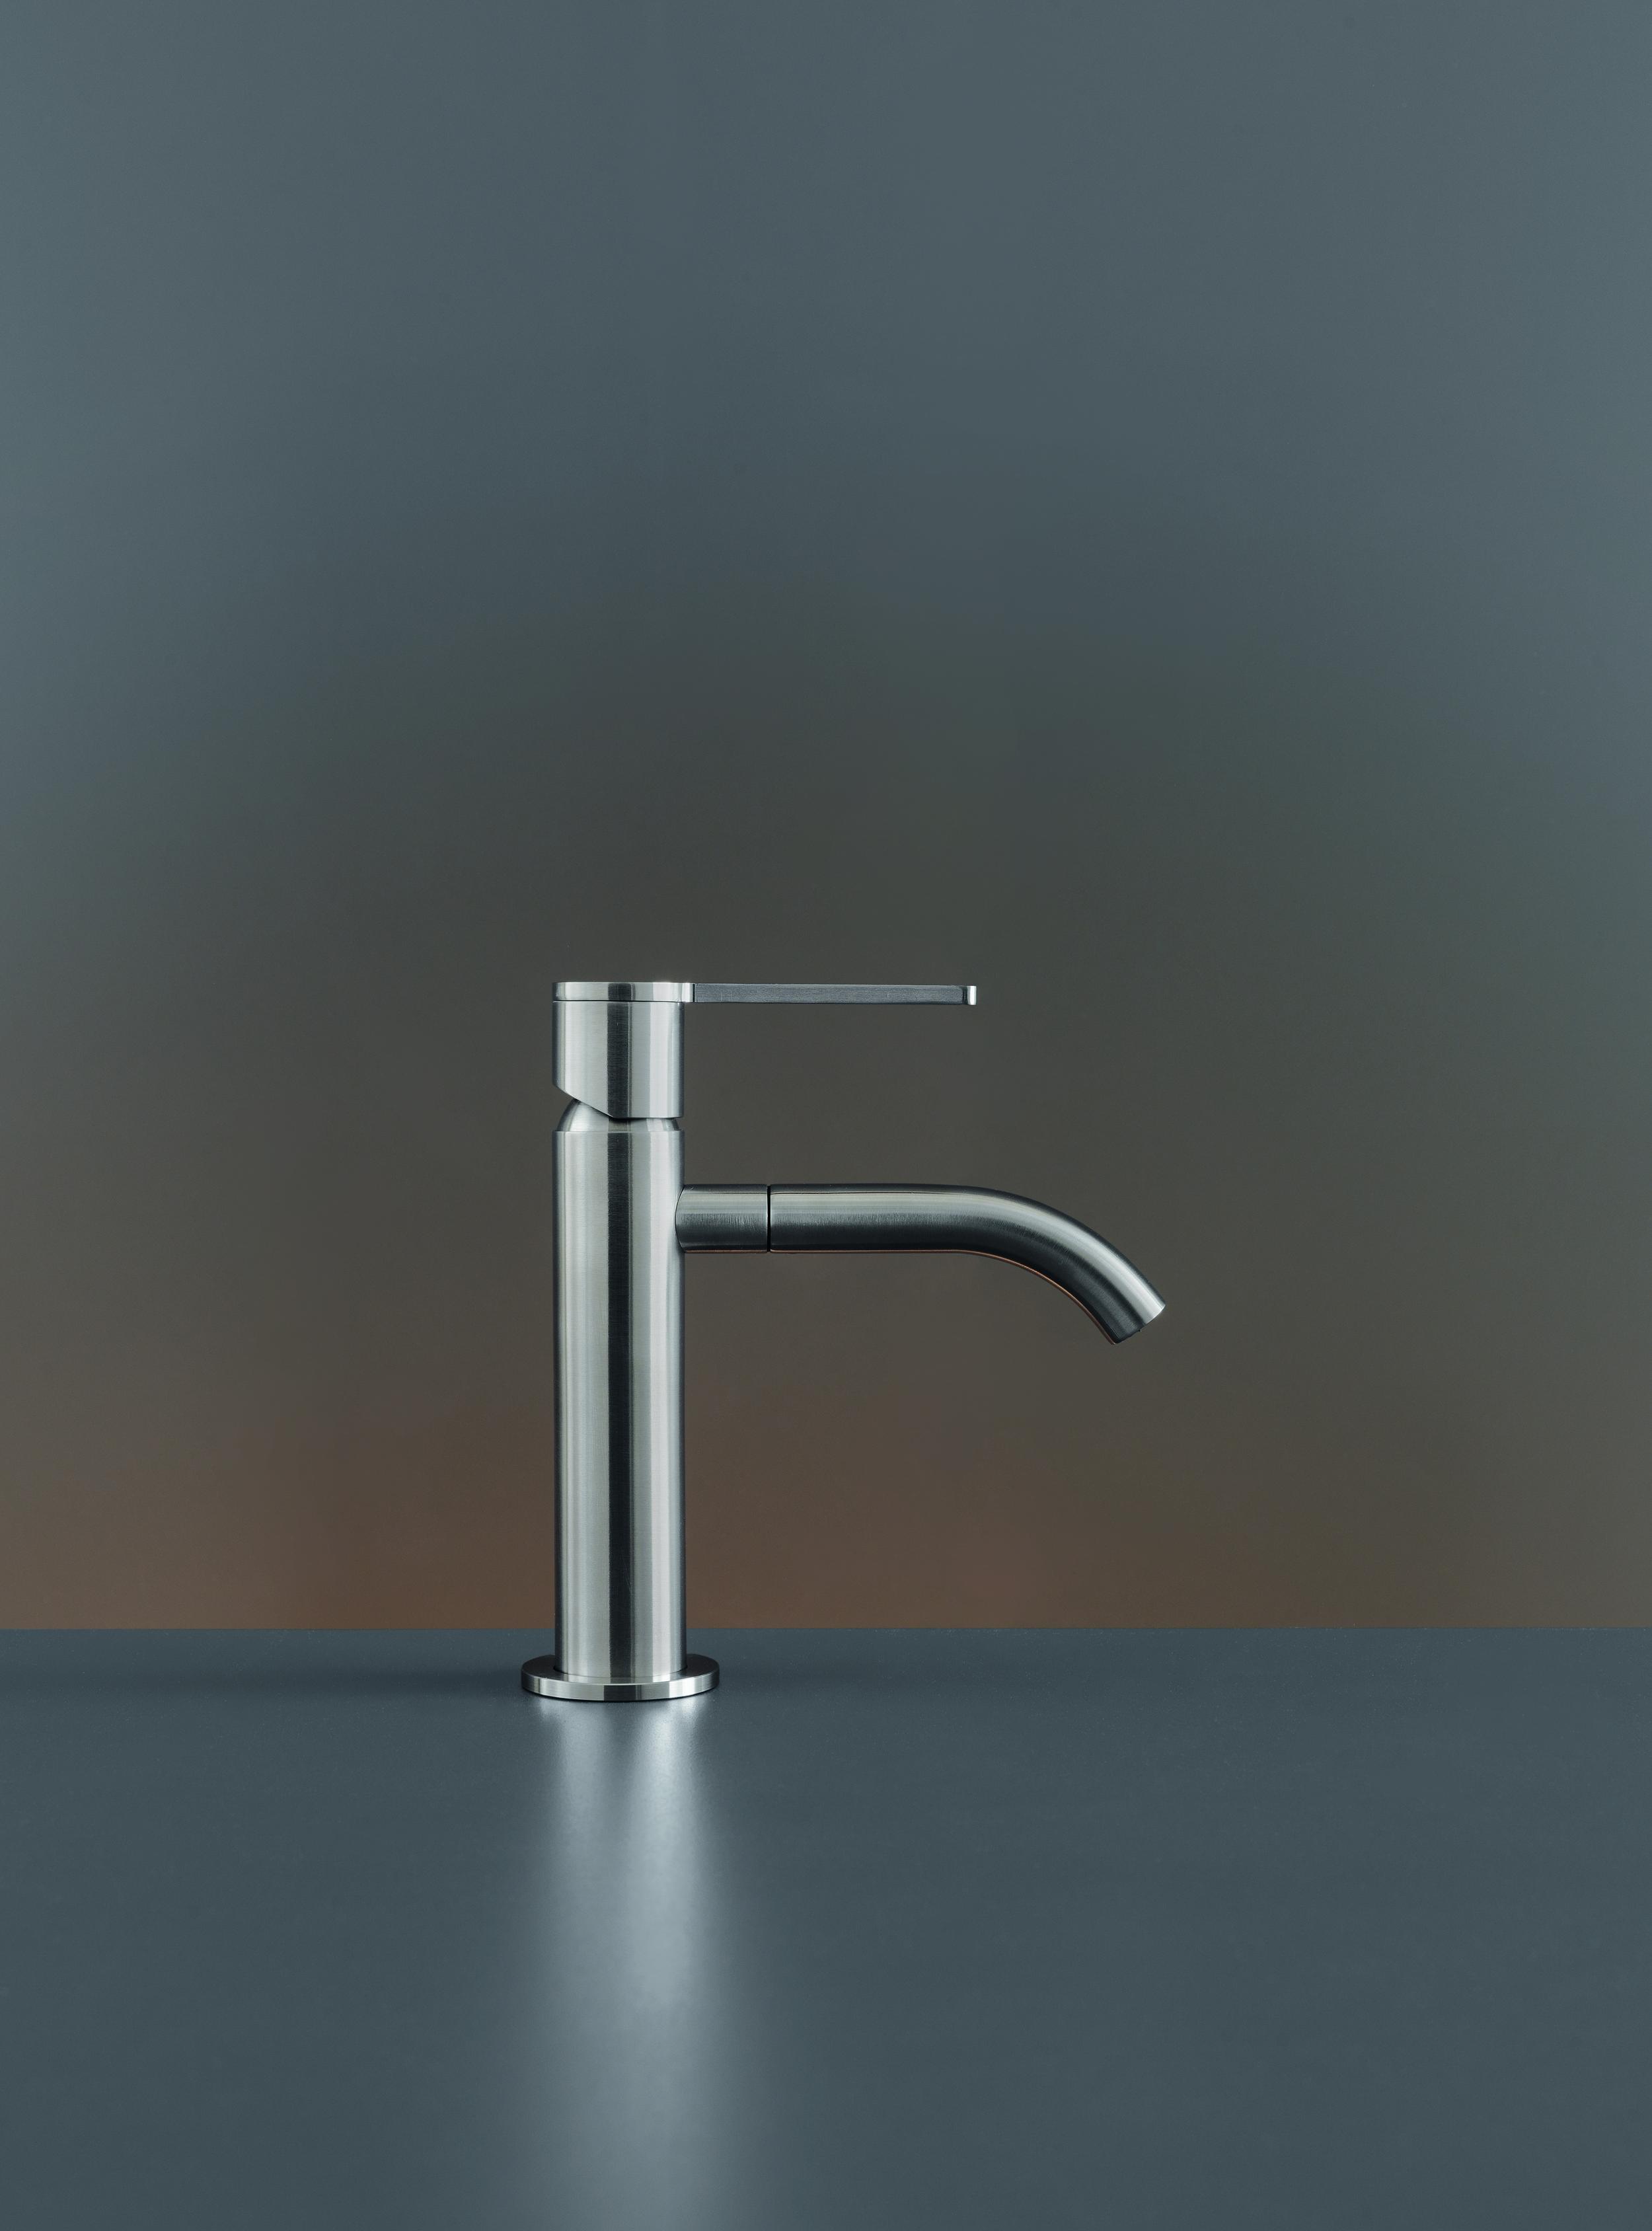 Contemporary Innovo Deck Mount Faucet